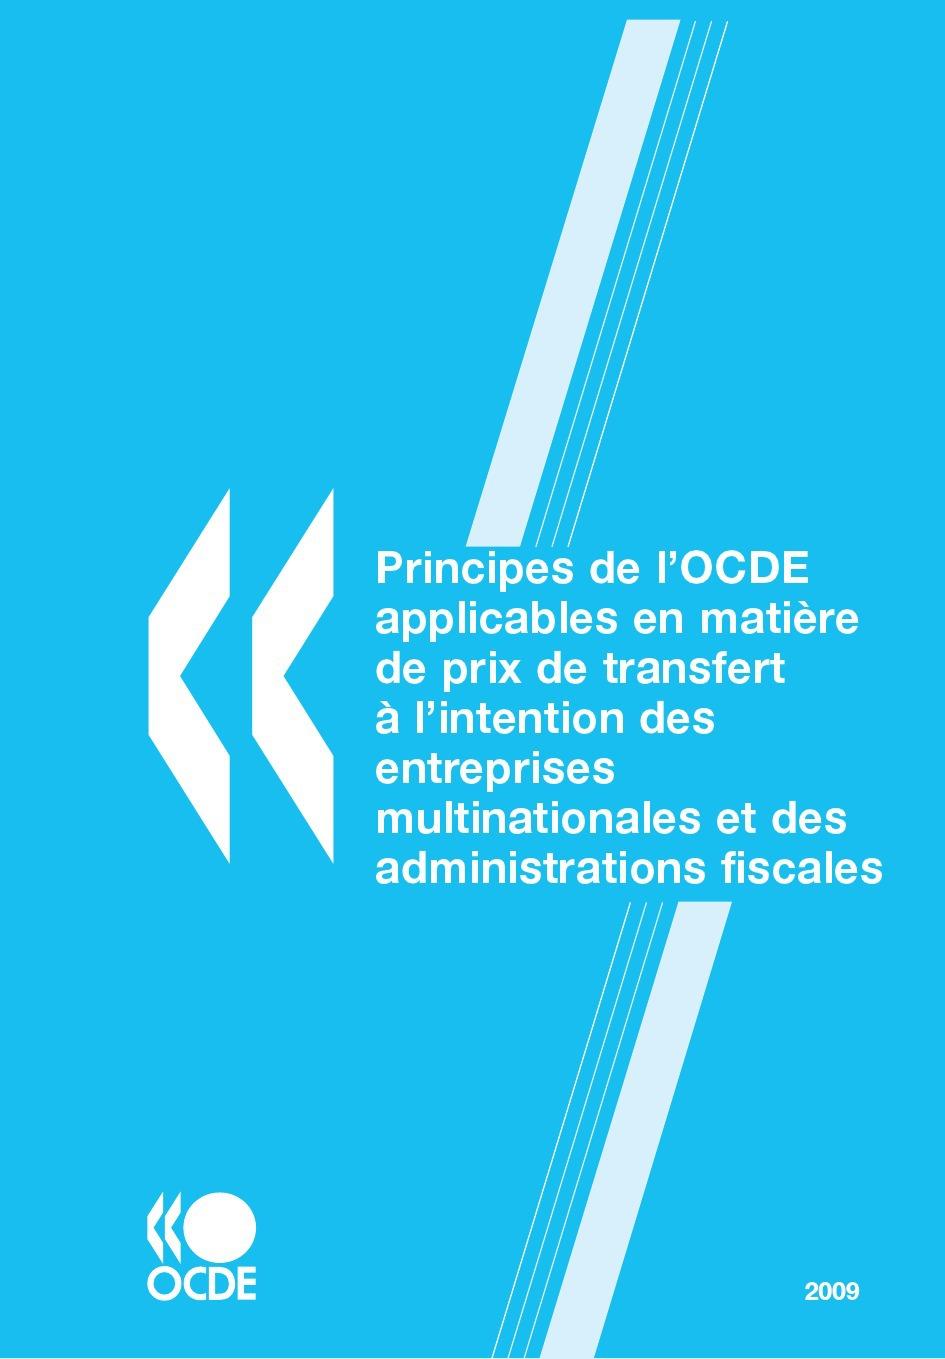 Collectif Principes de l'OCDE applicables en matière de prix de transfert